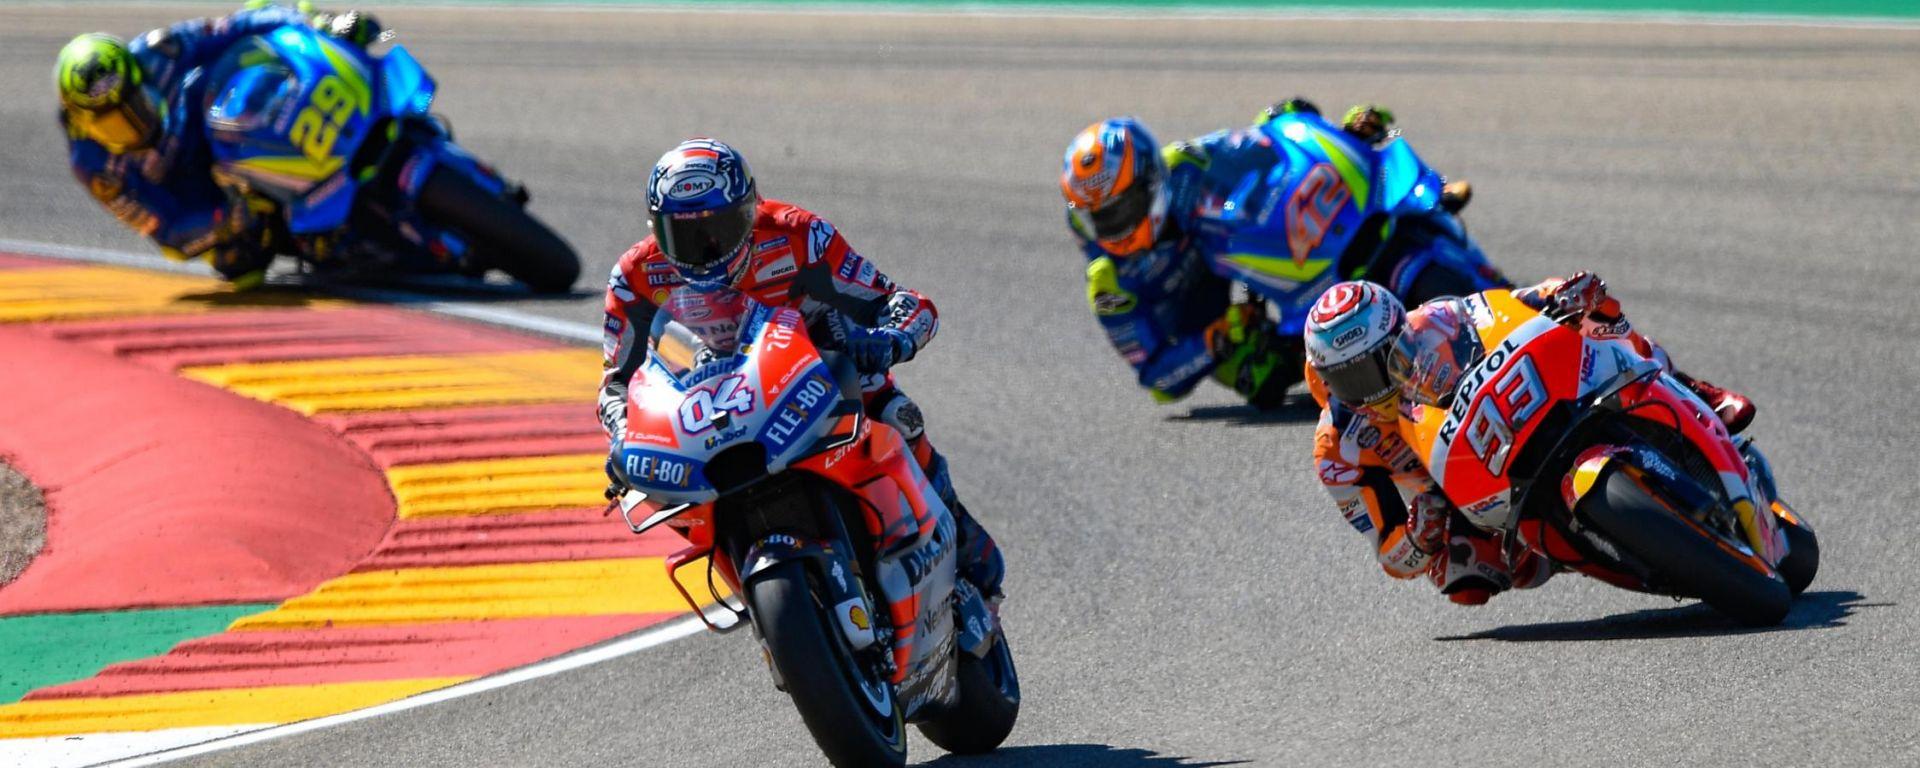 MotoGP Aragona 2018, Dovizioso inseguito da Marquez e dalle Suzuki di Rins e Iannone